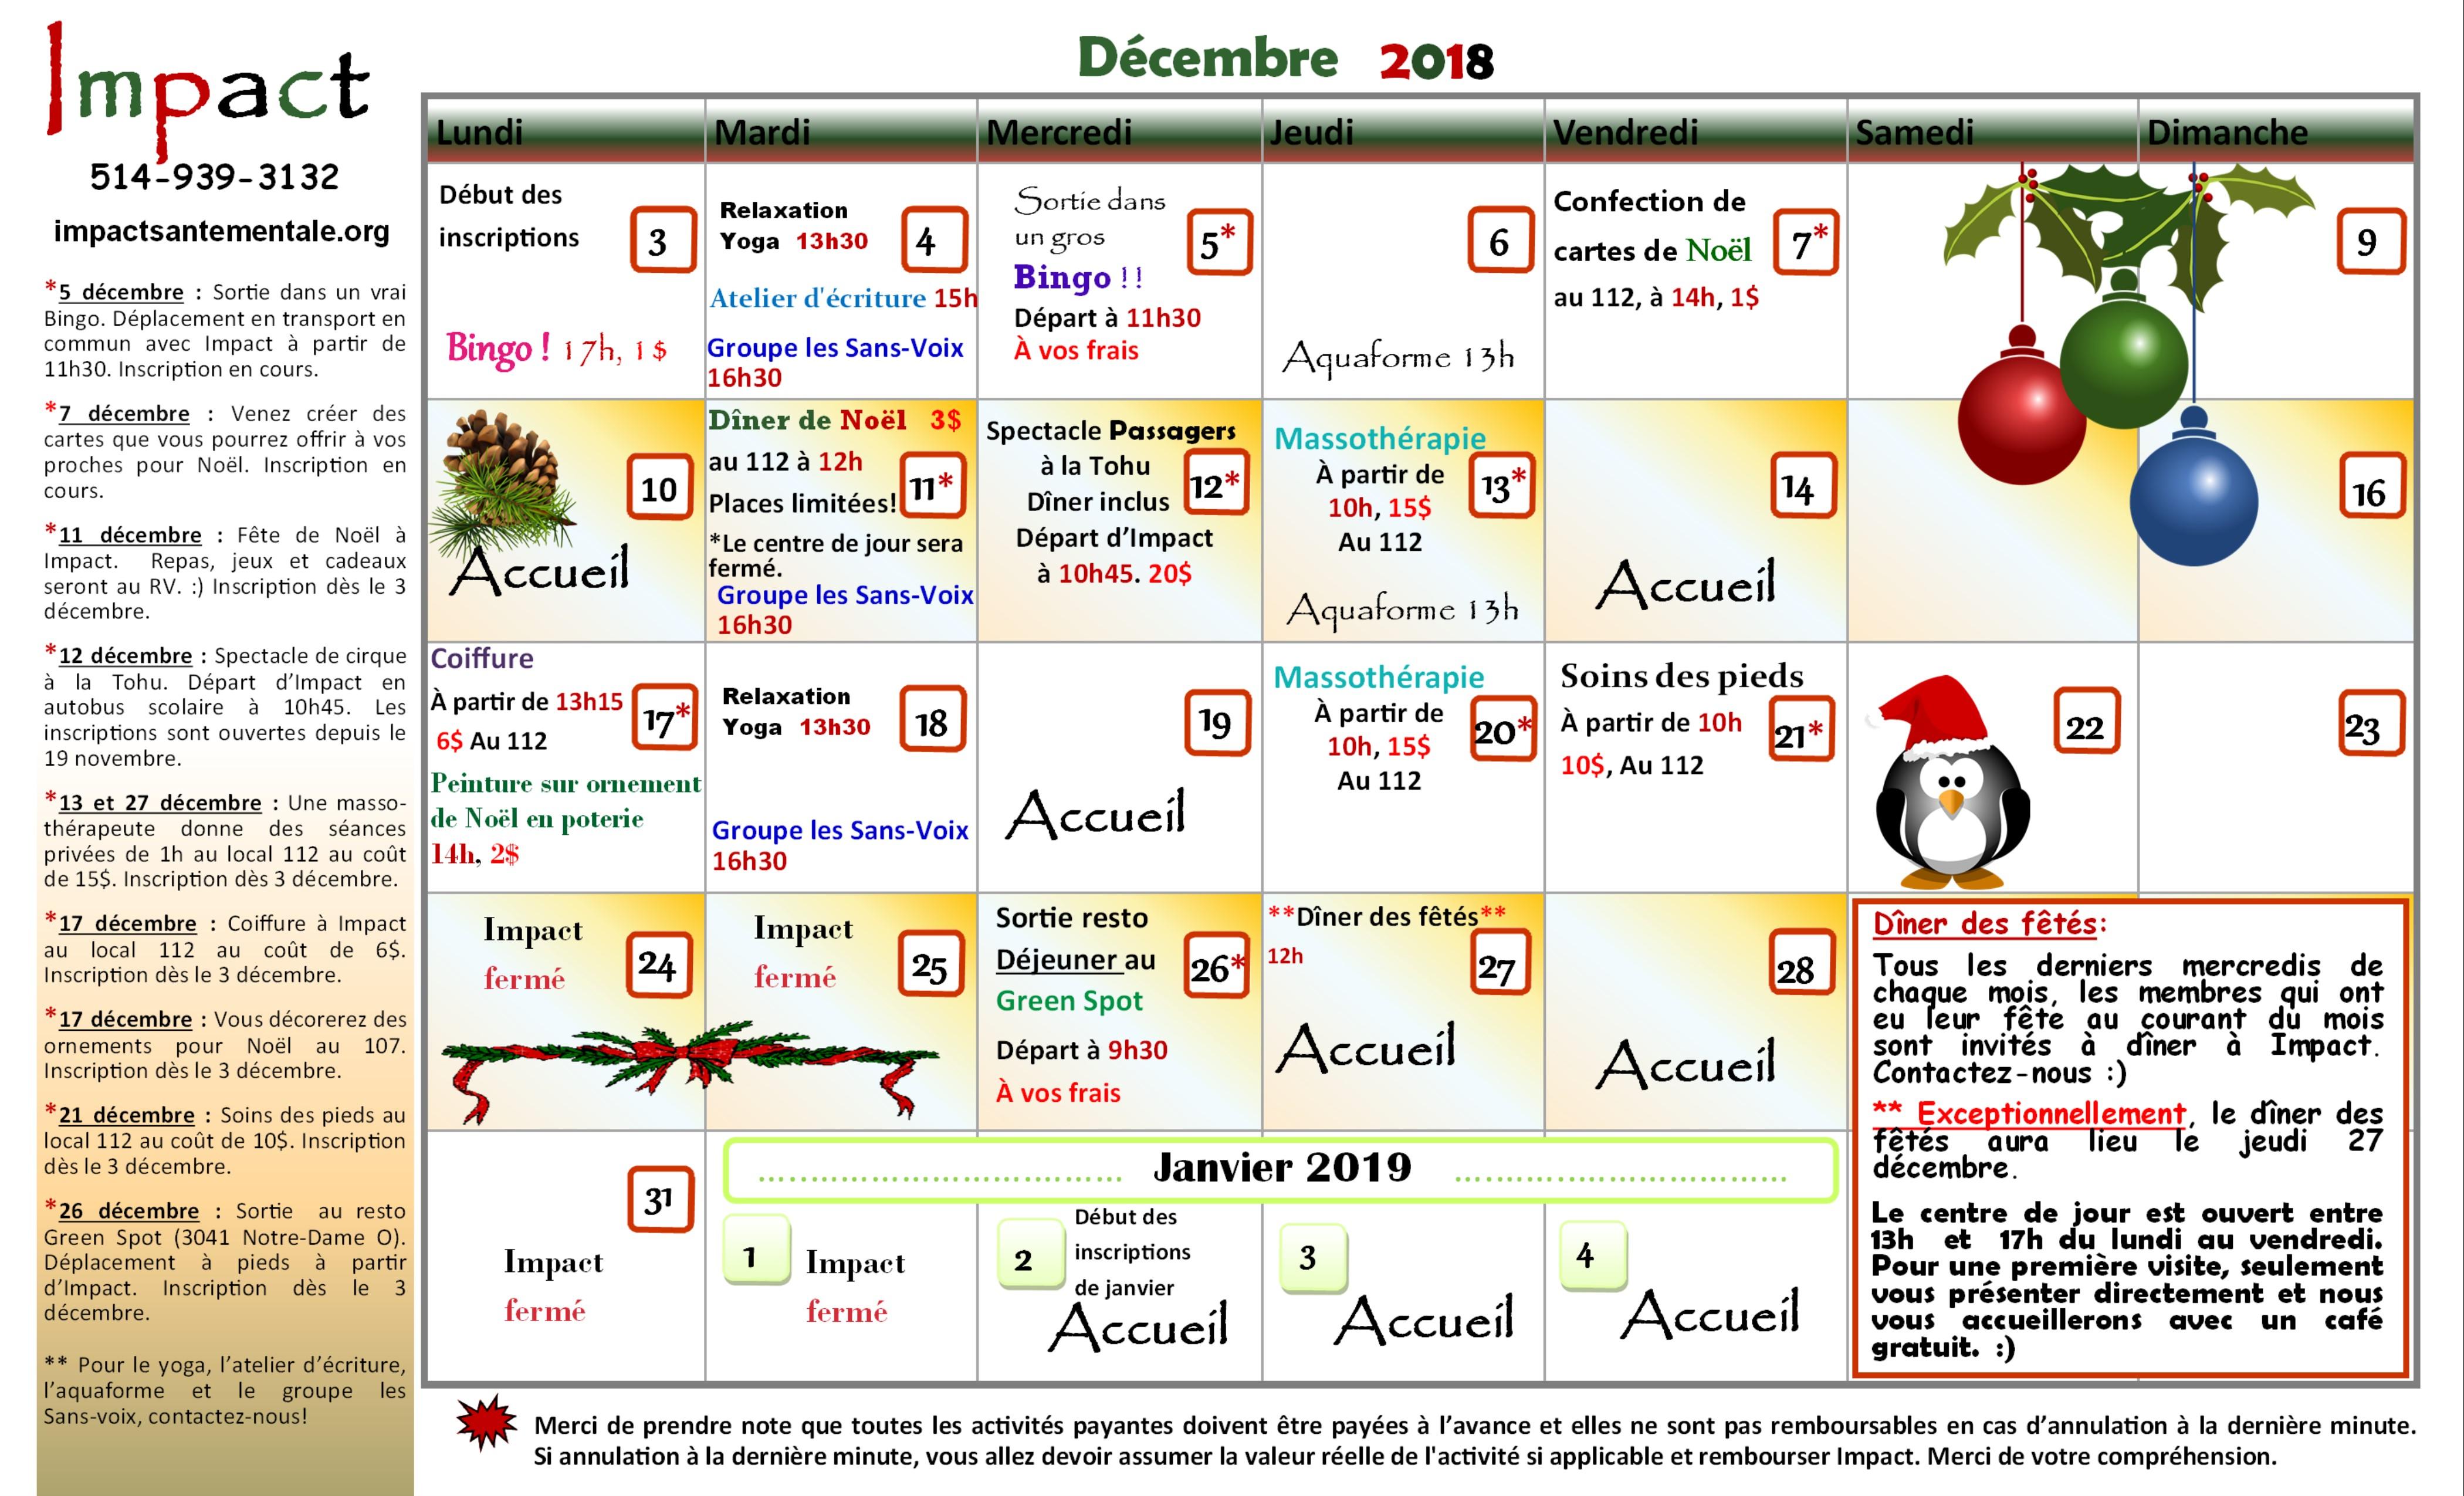 Calendrier décembre 2018 - Impact